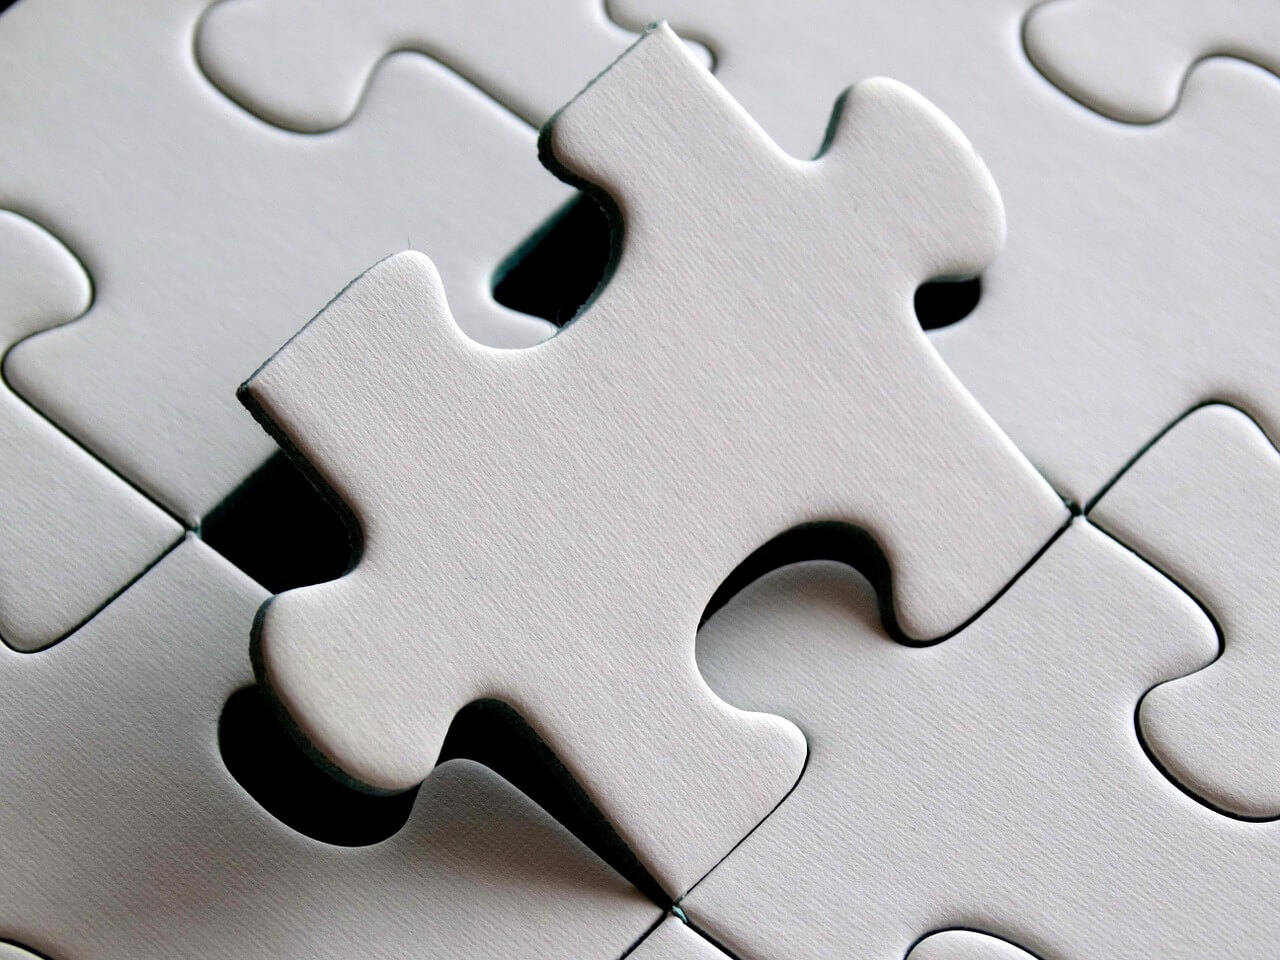 puzzle-654957_1280_1.jpg